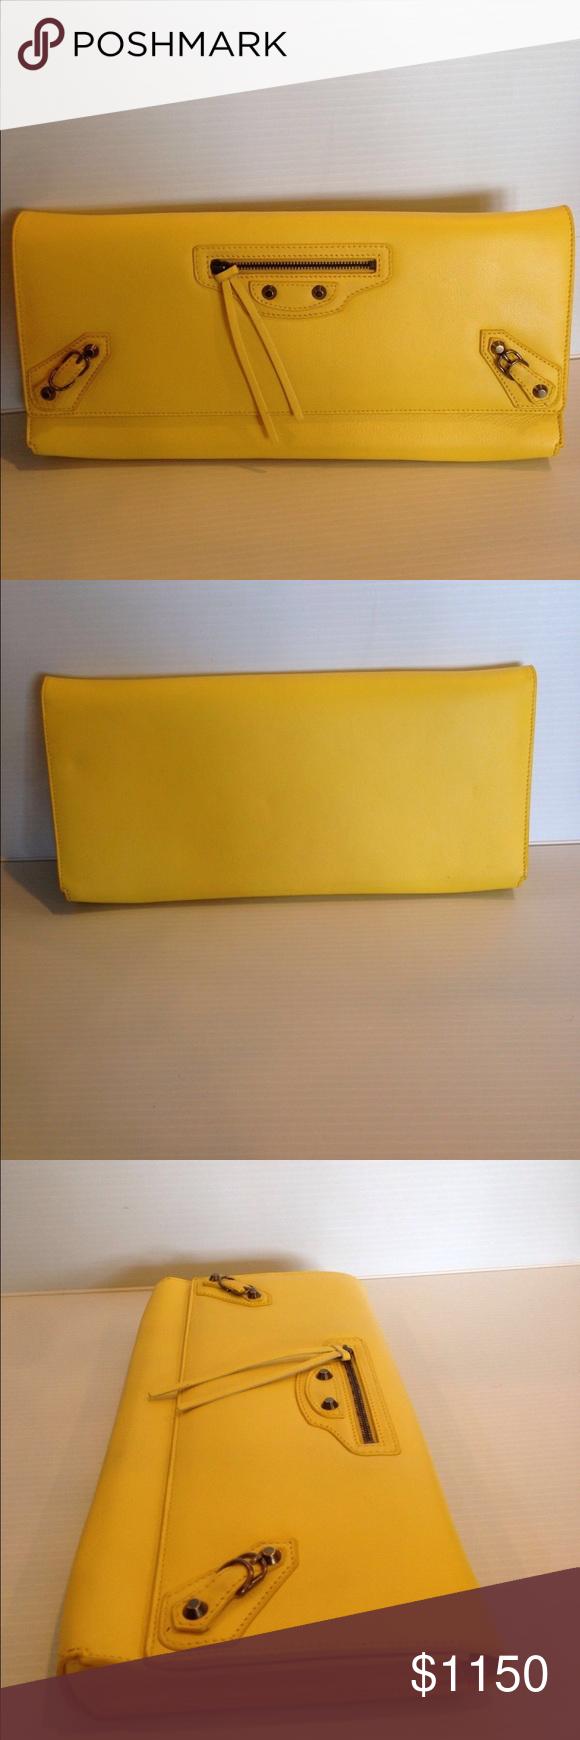 Balenciaga Classic Envelope Clutch Bag Brand New 100% Authentic Balenciaga Classic Envelope Clutch Bag Balenciaga Bags Clutches & Wristlets